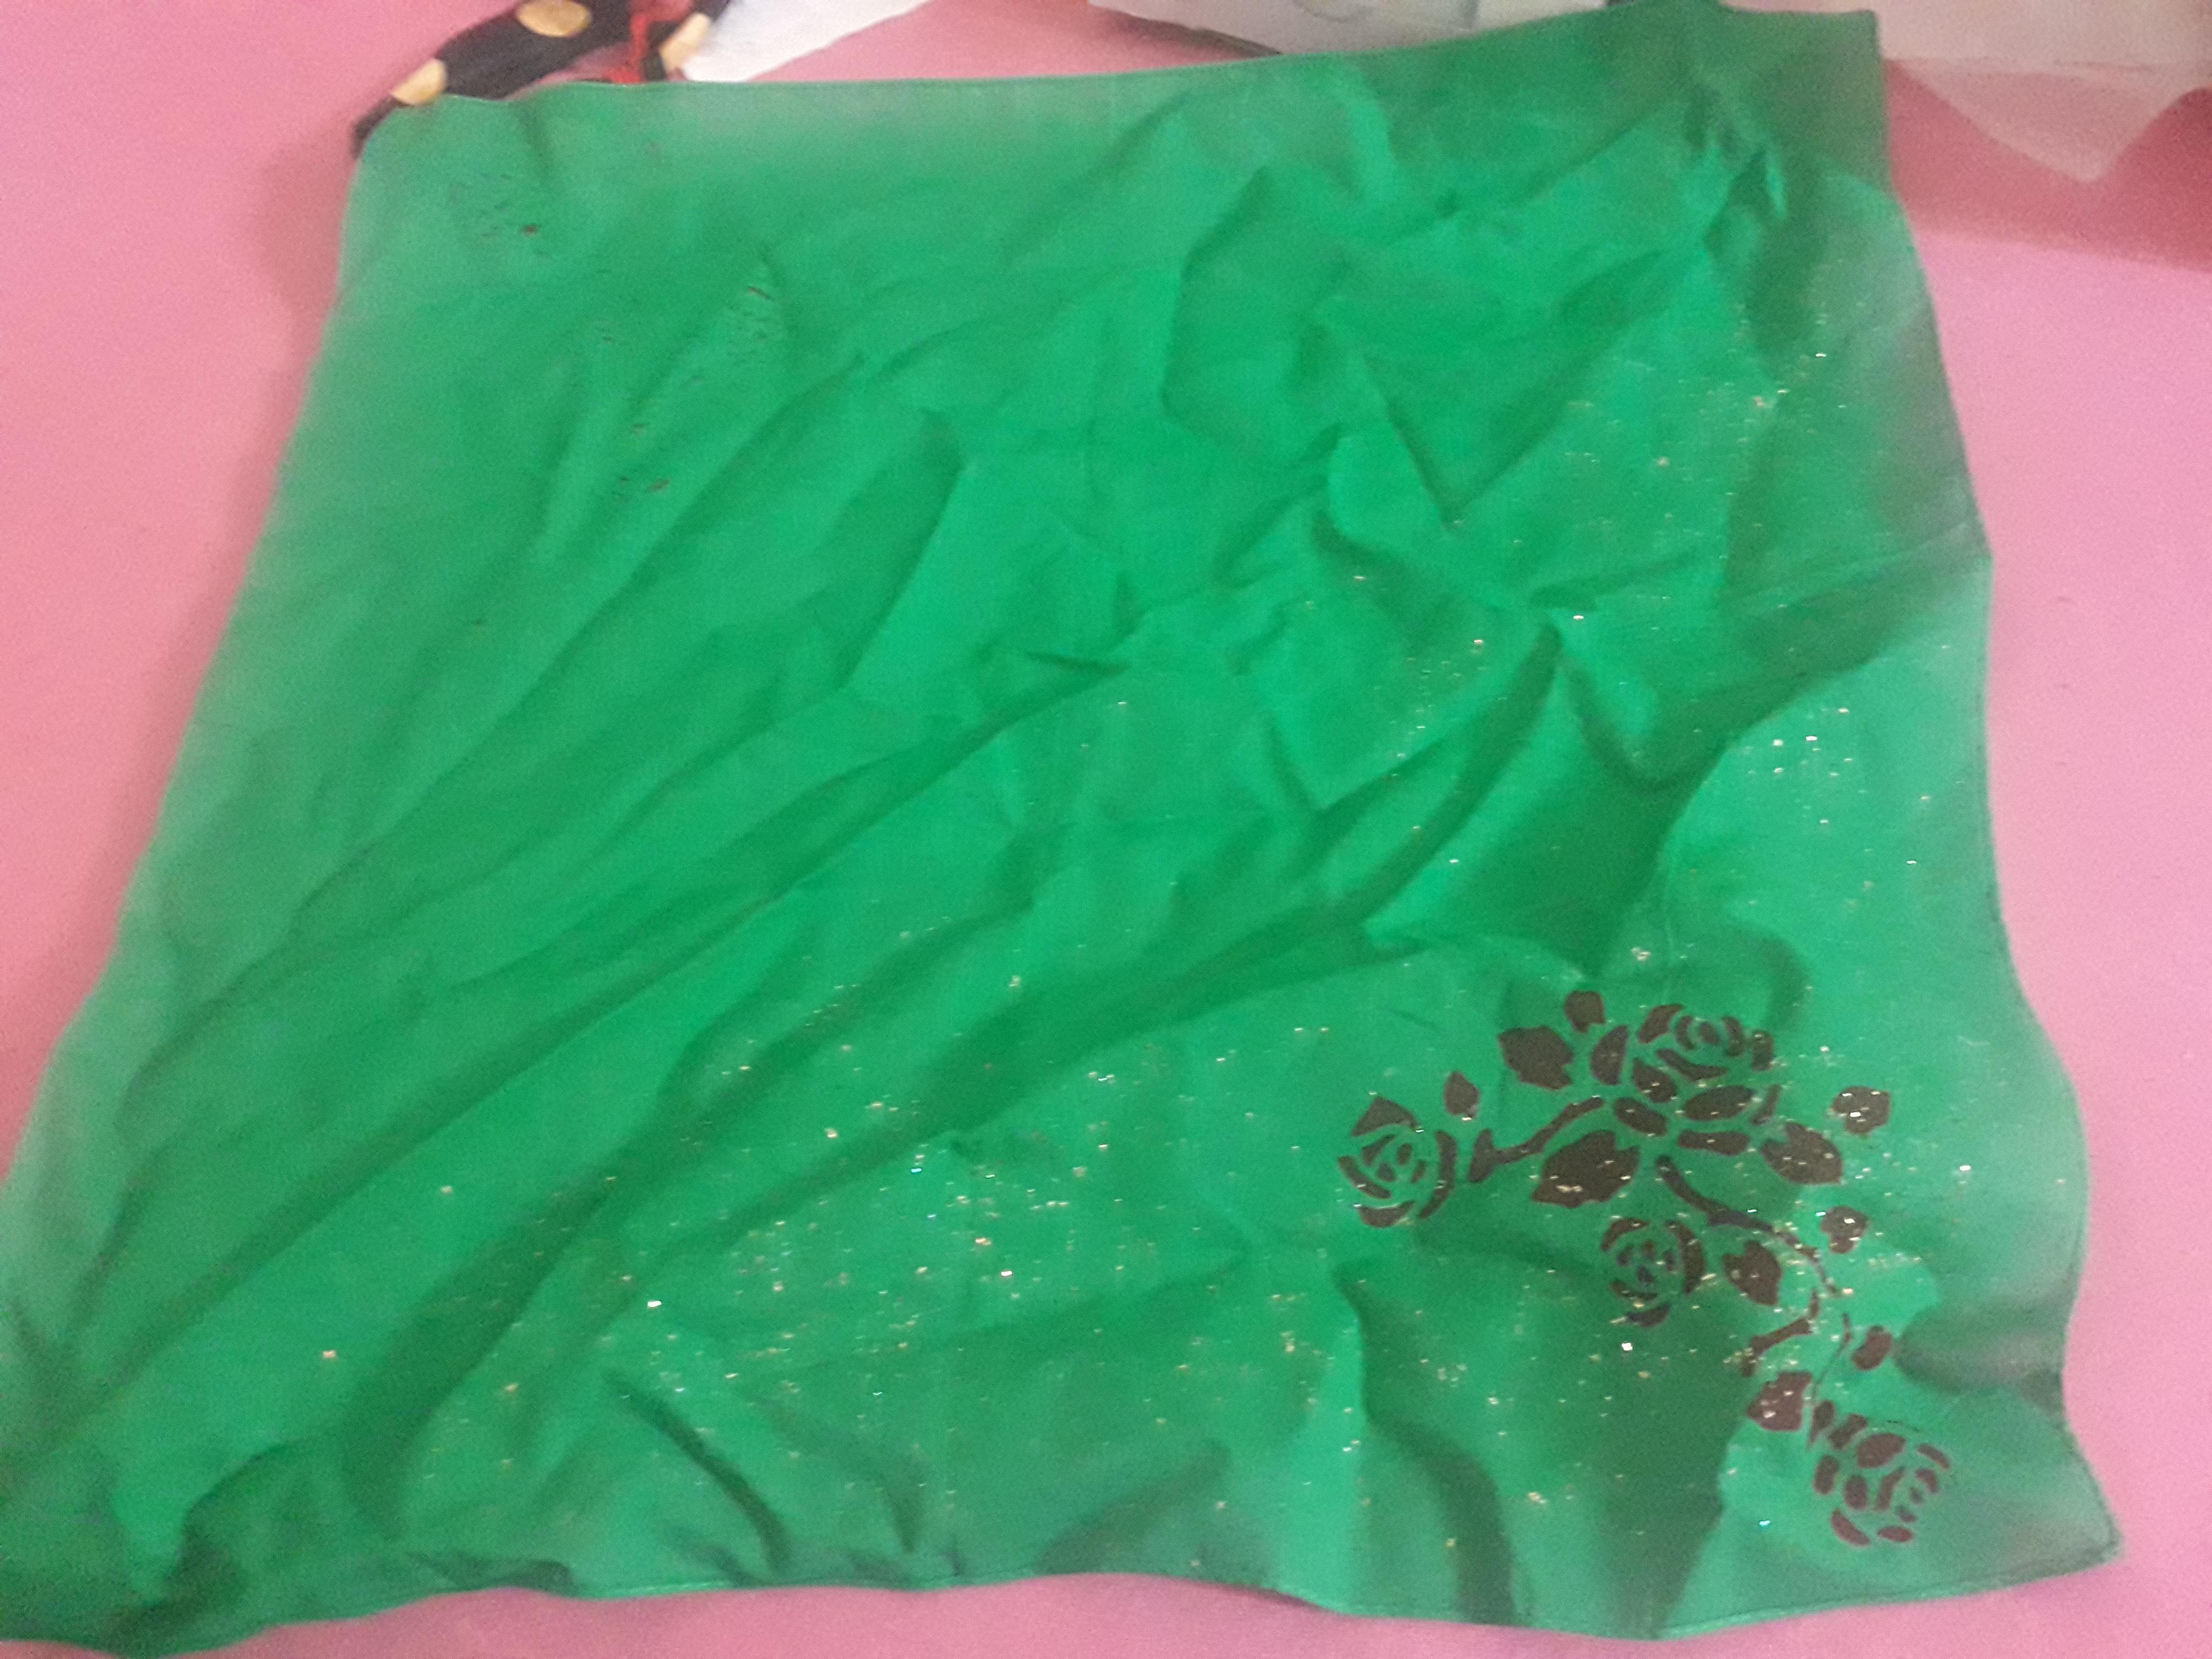 troc de troc foulard vert image 0